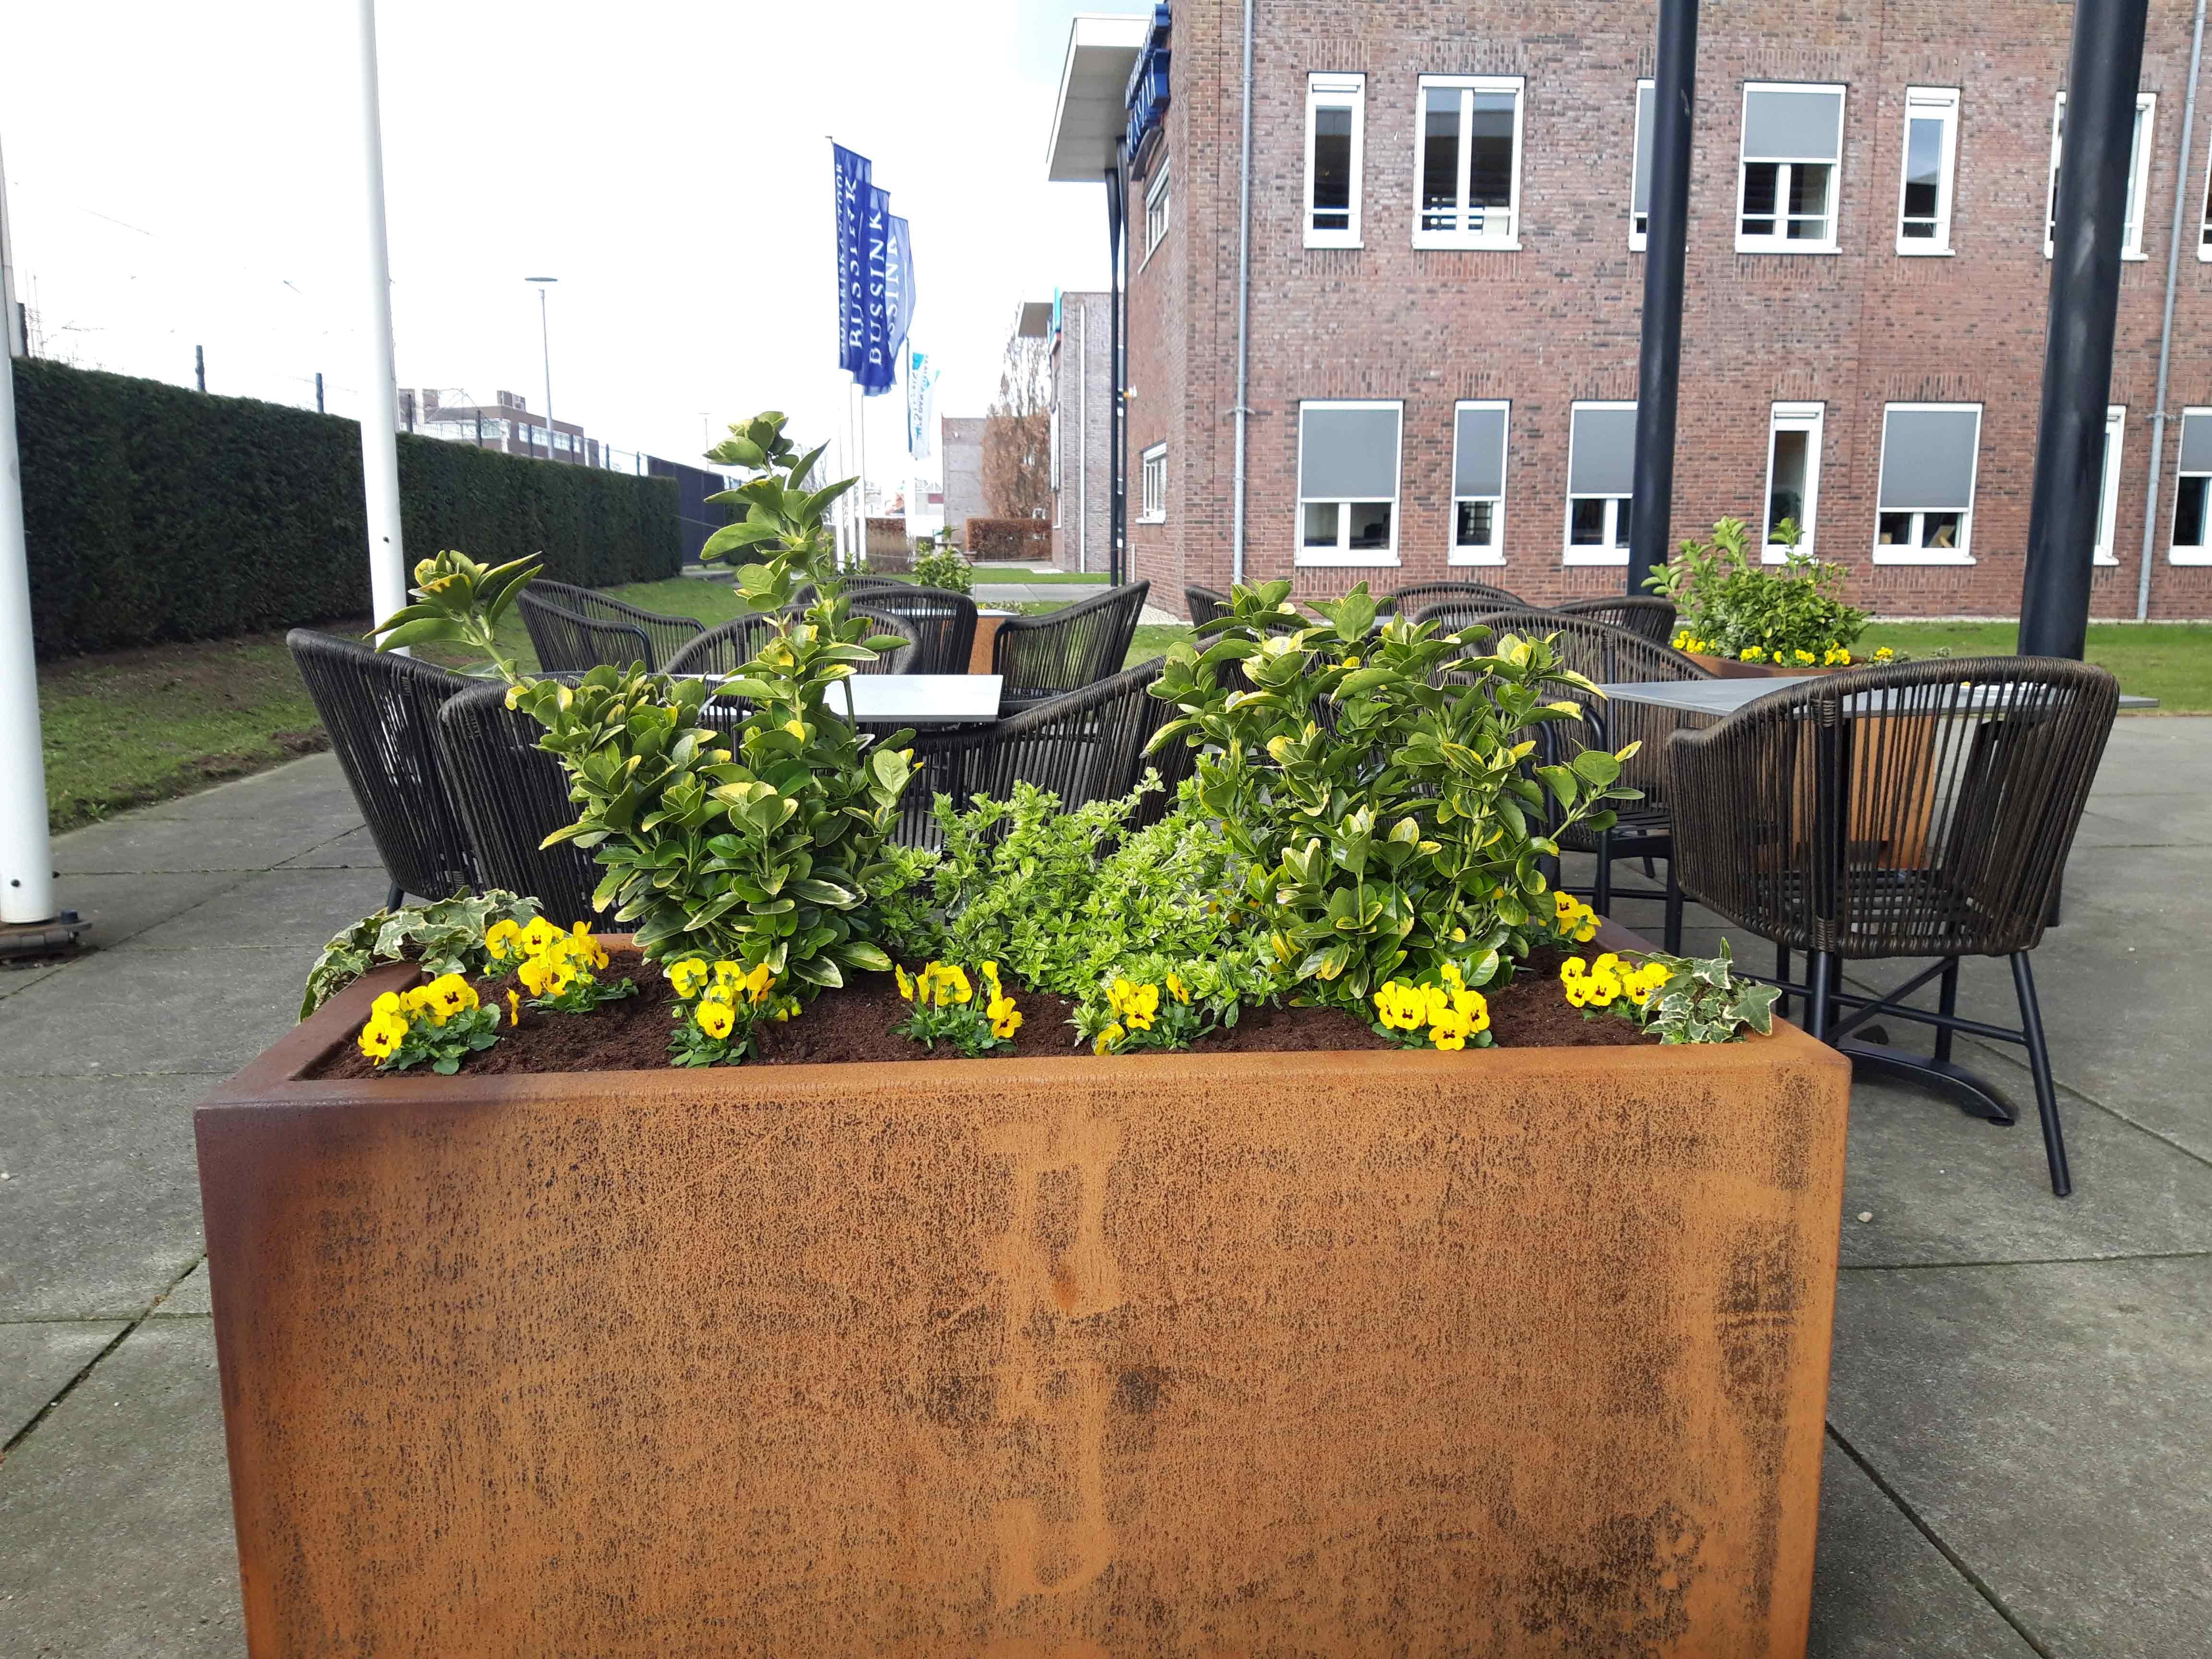 bloembakken gevuld op terras horeca